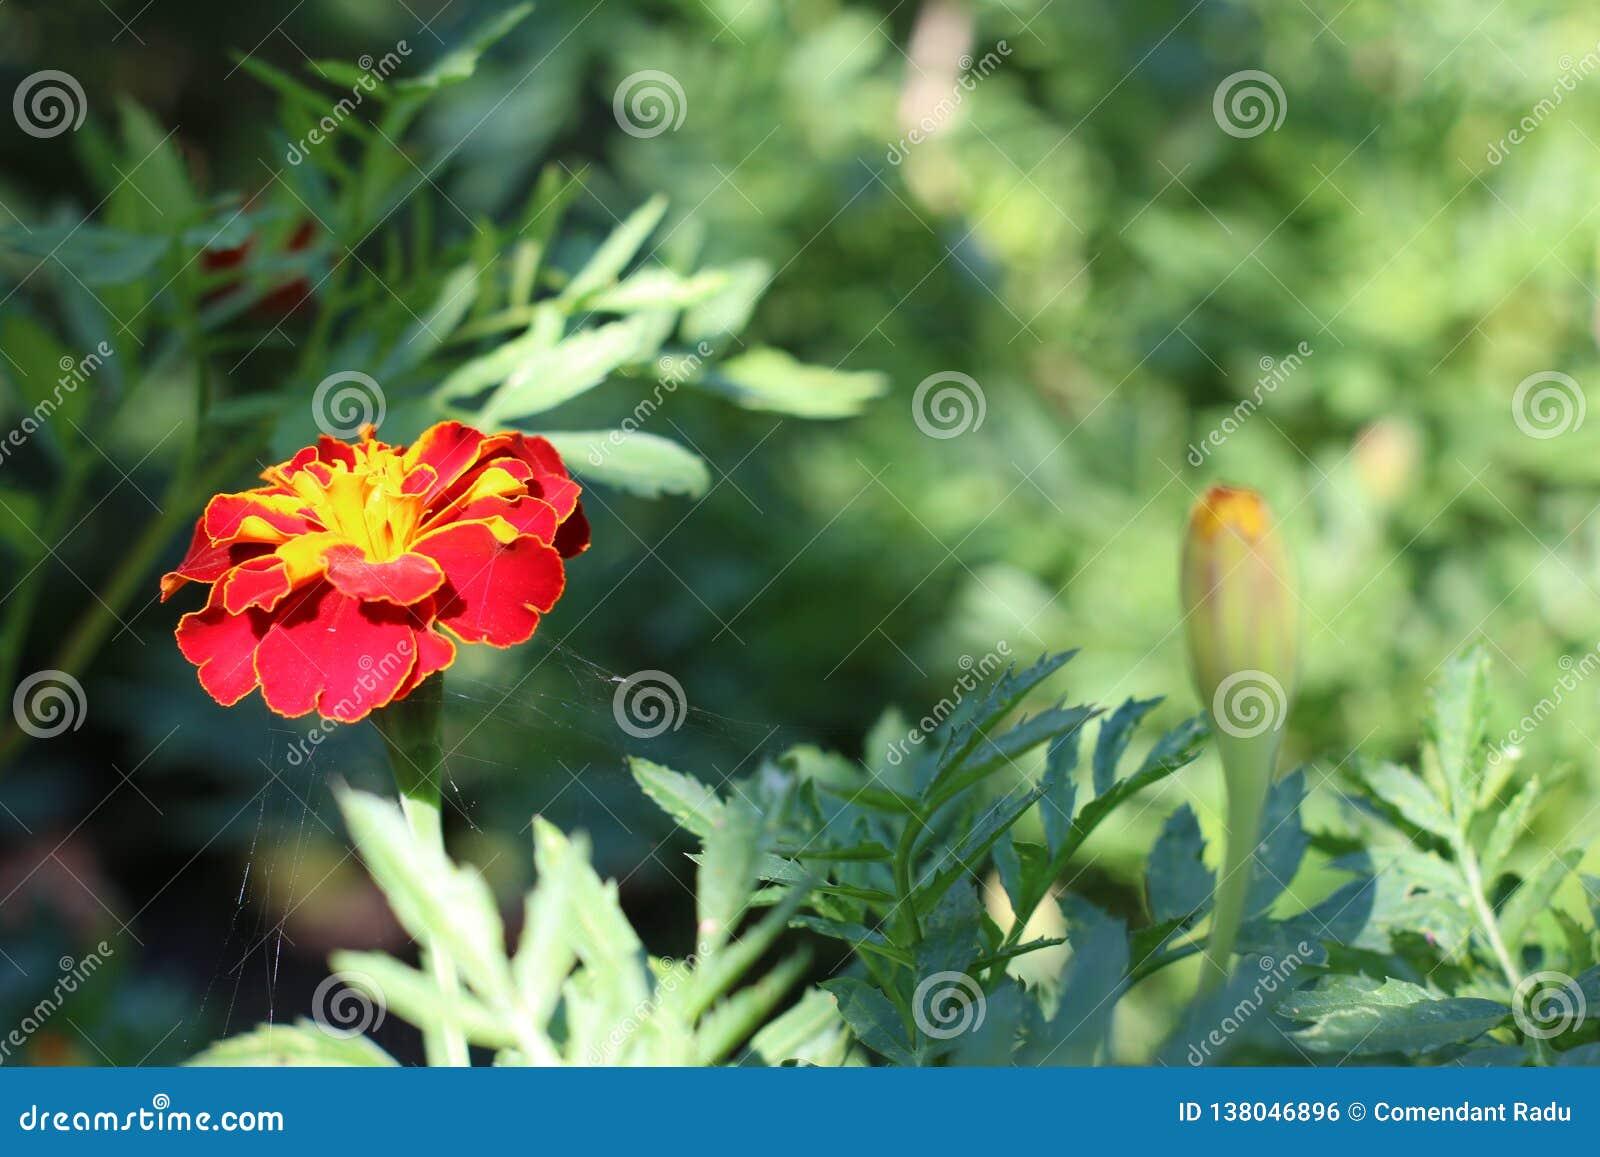 Красивый цветок в солнечном свете